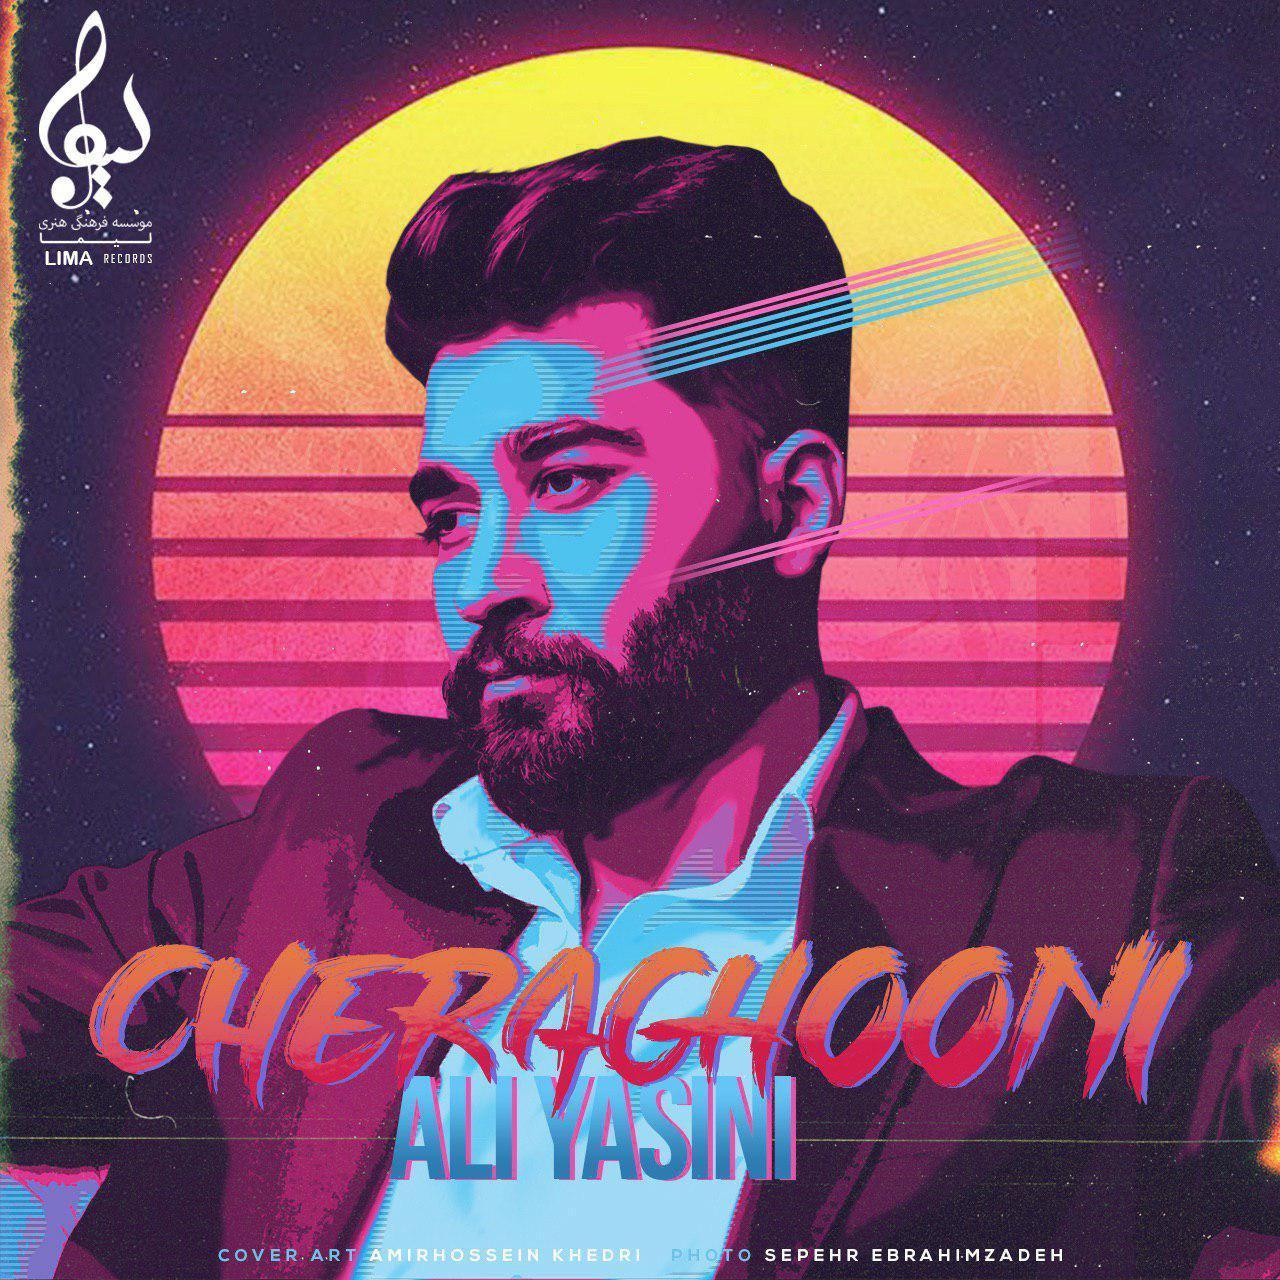 Ali Yasini – Cheraghooni